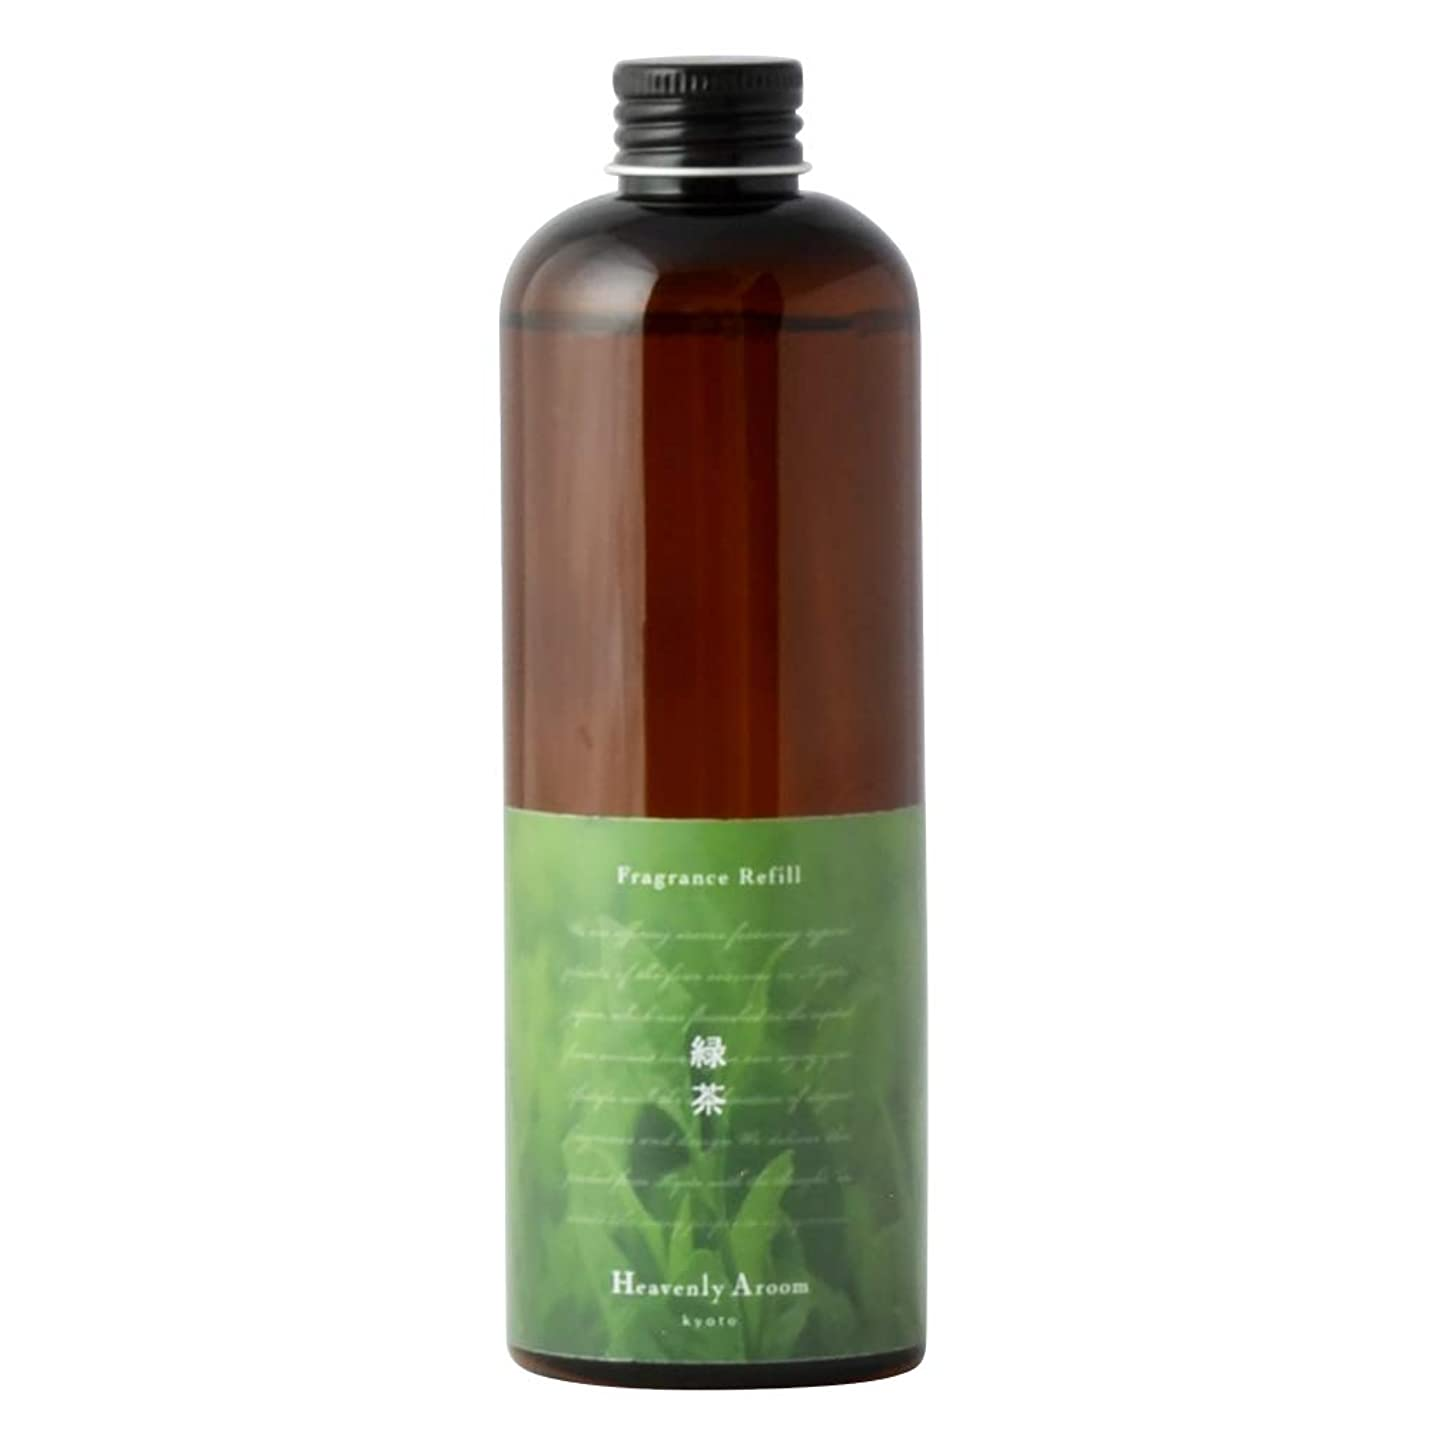 賞賛するエジプト領域Heavenly Aroomフレグランスリフィル 緑茶 300ml